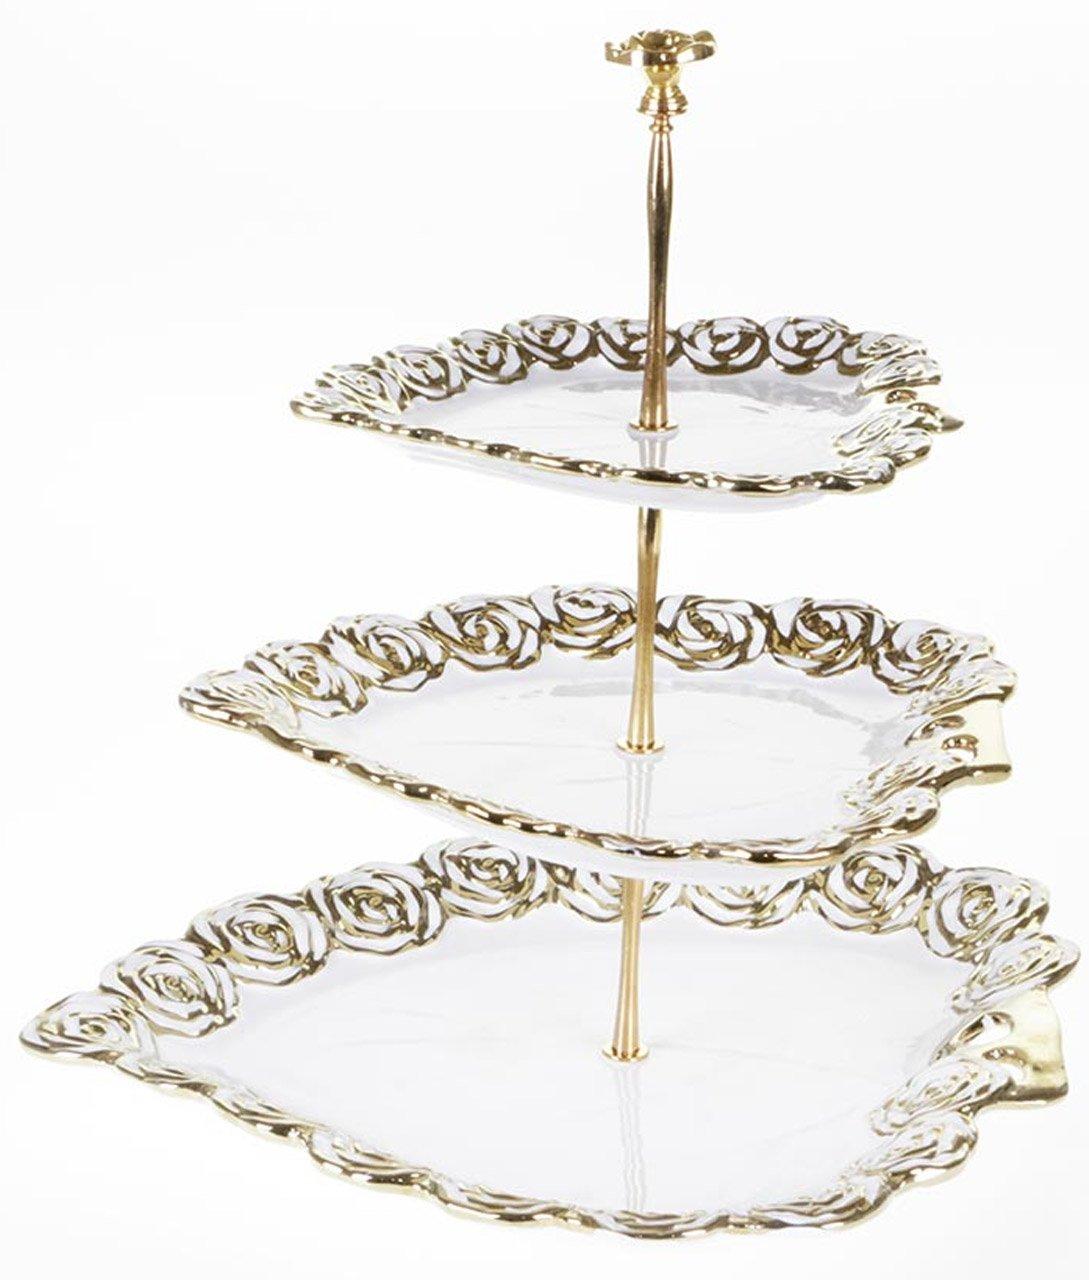 Cinar Etagere 3 Stufig Porzellan / Keramik Gold | bedibuy